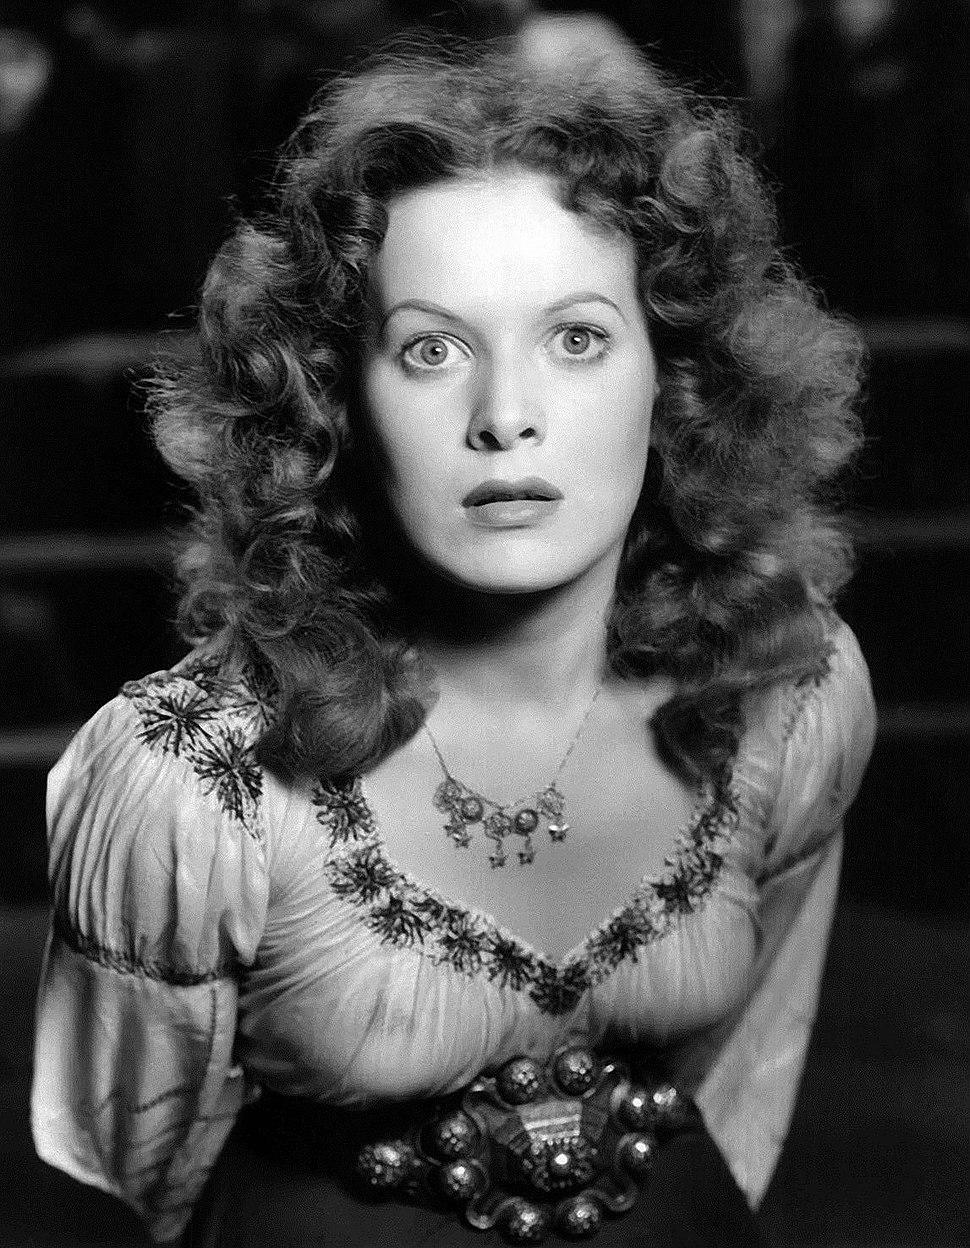 Maureen O'Hara as Esmerelda 2